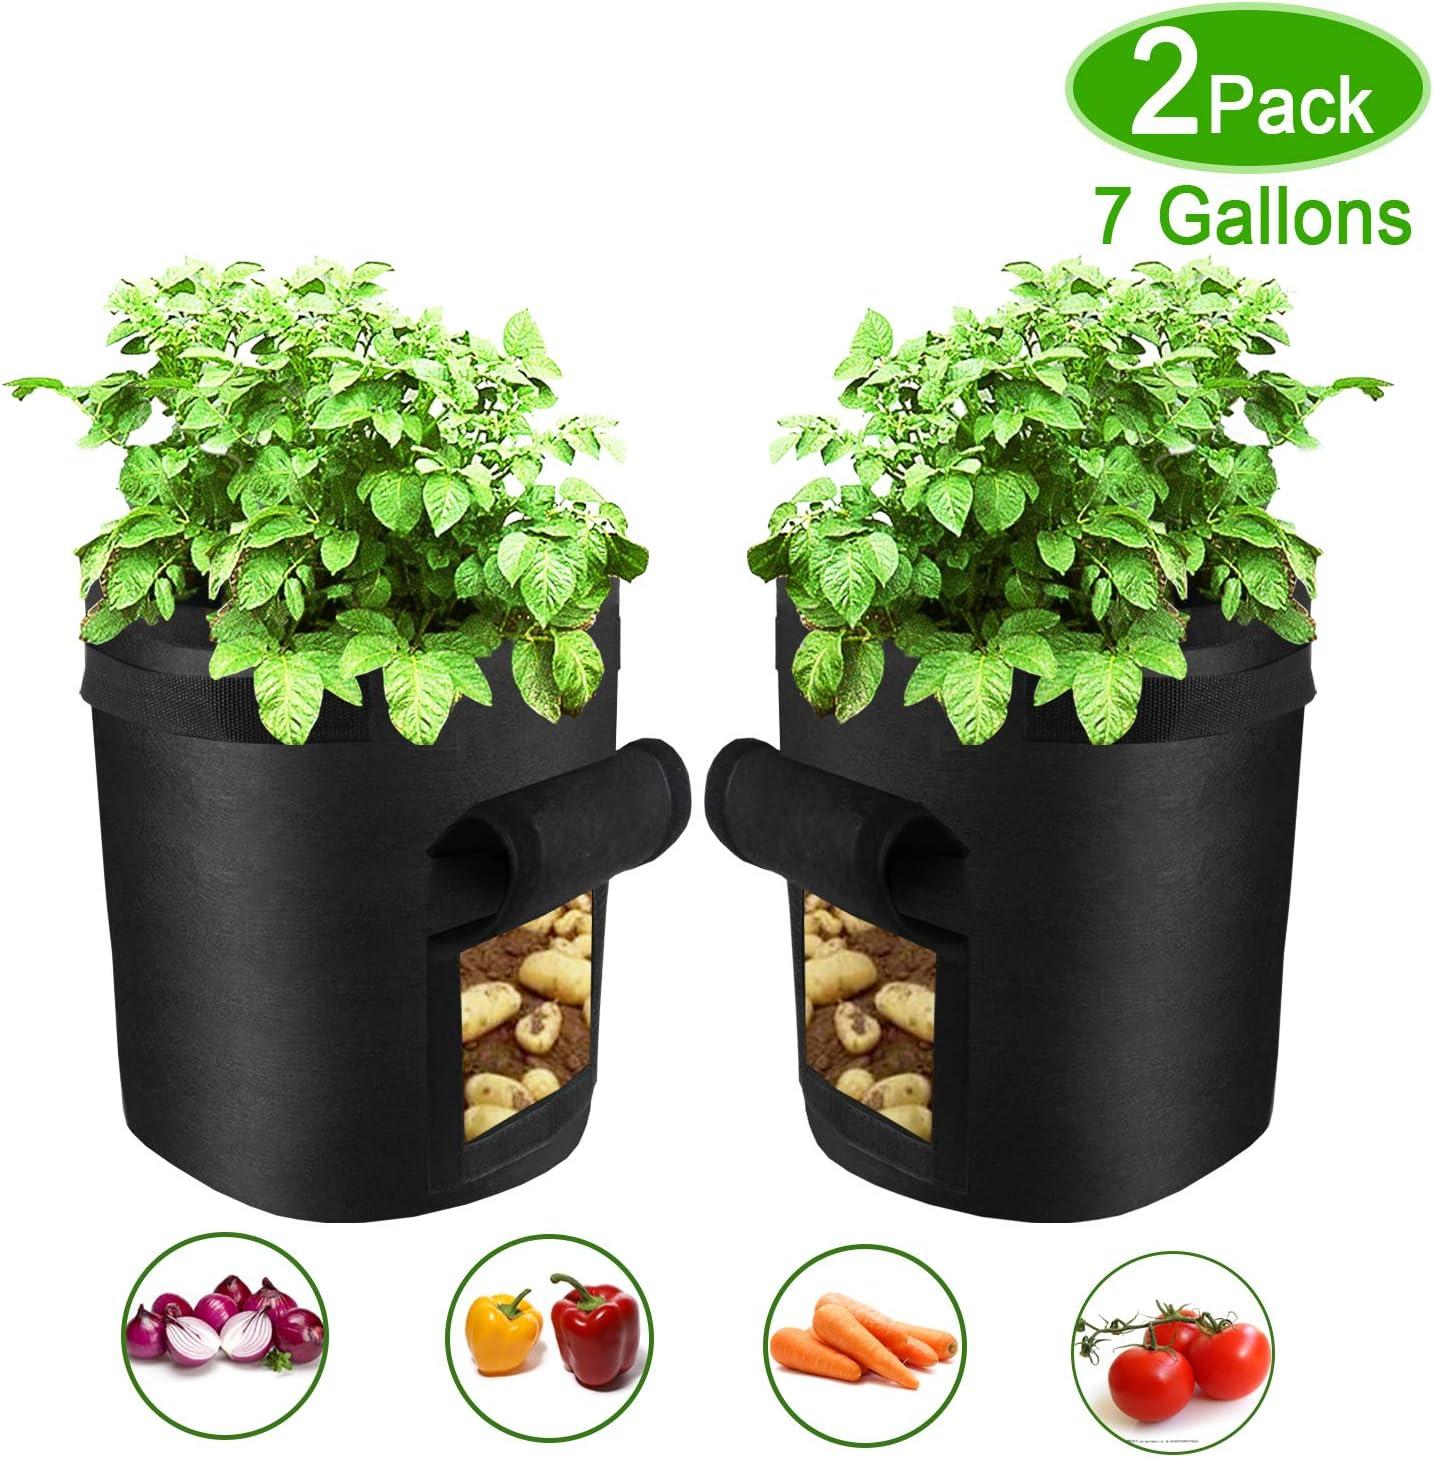 Free Amazon Promo Code 2020 for Potato Grow Bags